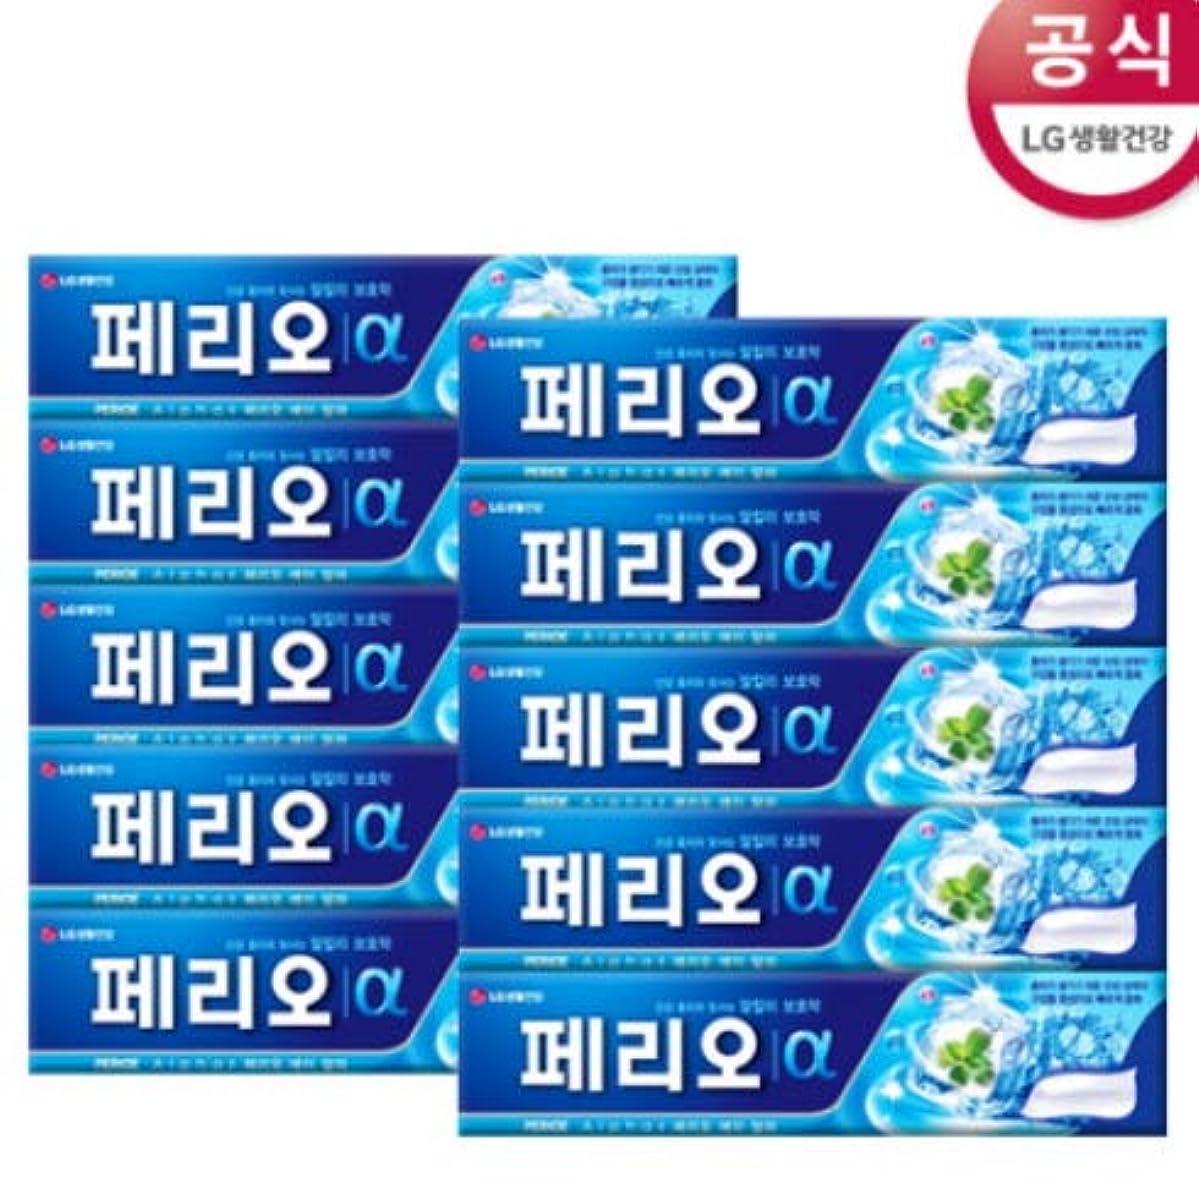 五月ひそかにフルーツ[LG HnB] Perio Alpha Toothpaste/ペリオアルファ歯磨き粉 170gx10個(海外直送品)